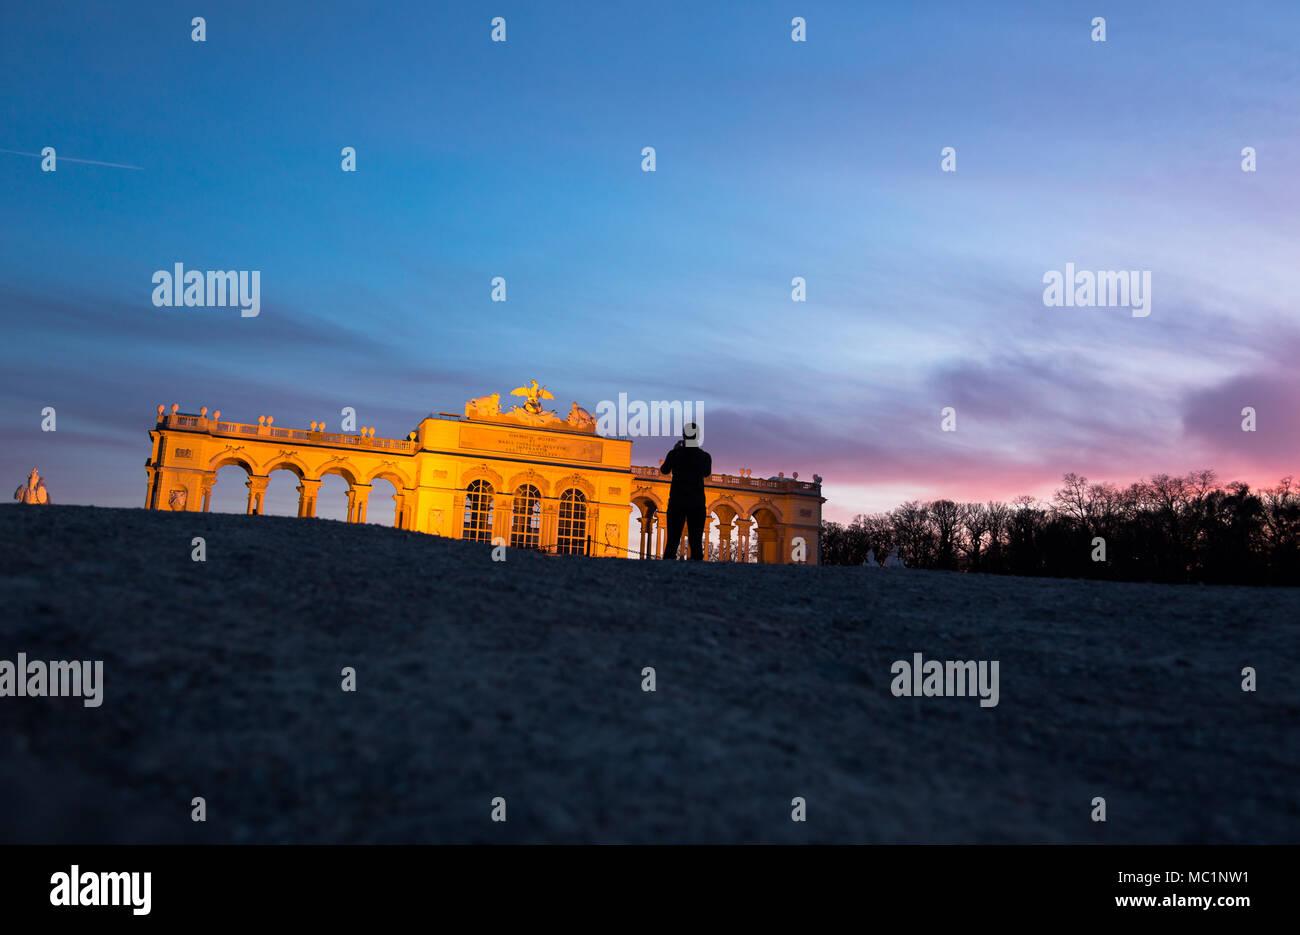 Gloriette in Schönbrunner Schloss Park a tarda sera in golden ore di luce. Bassa, ampio angolo di prospettiva, sparare a partire dal livello del suolo. Tourist rendendo un ph Immagini Stock